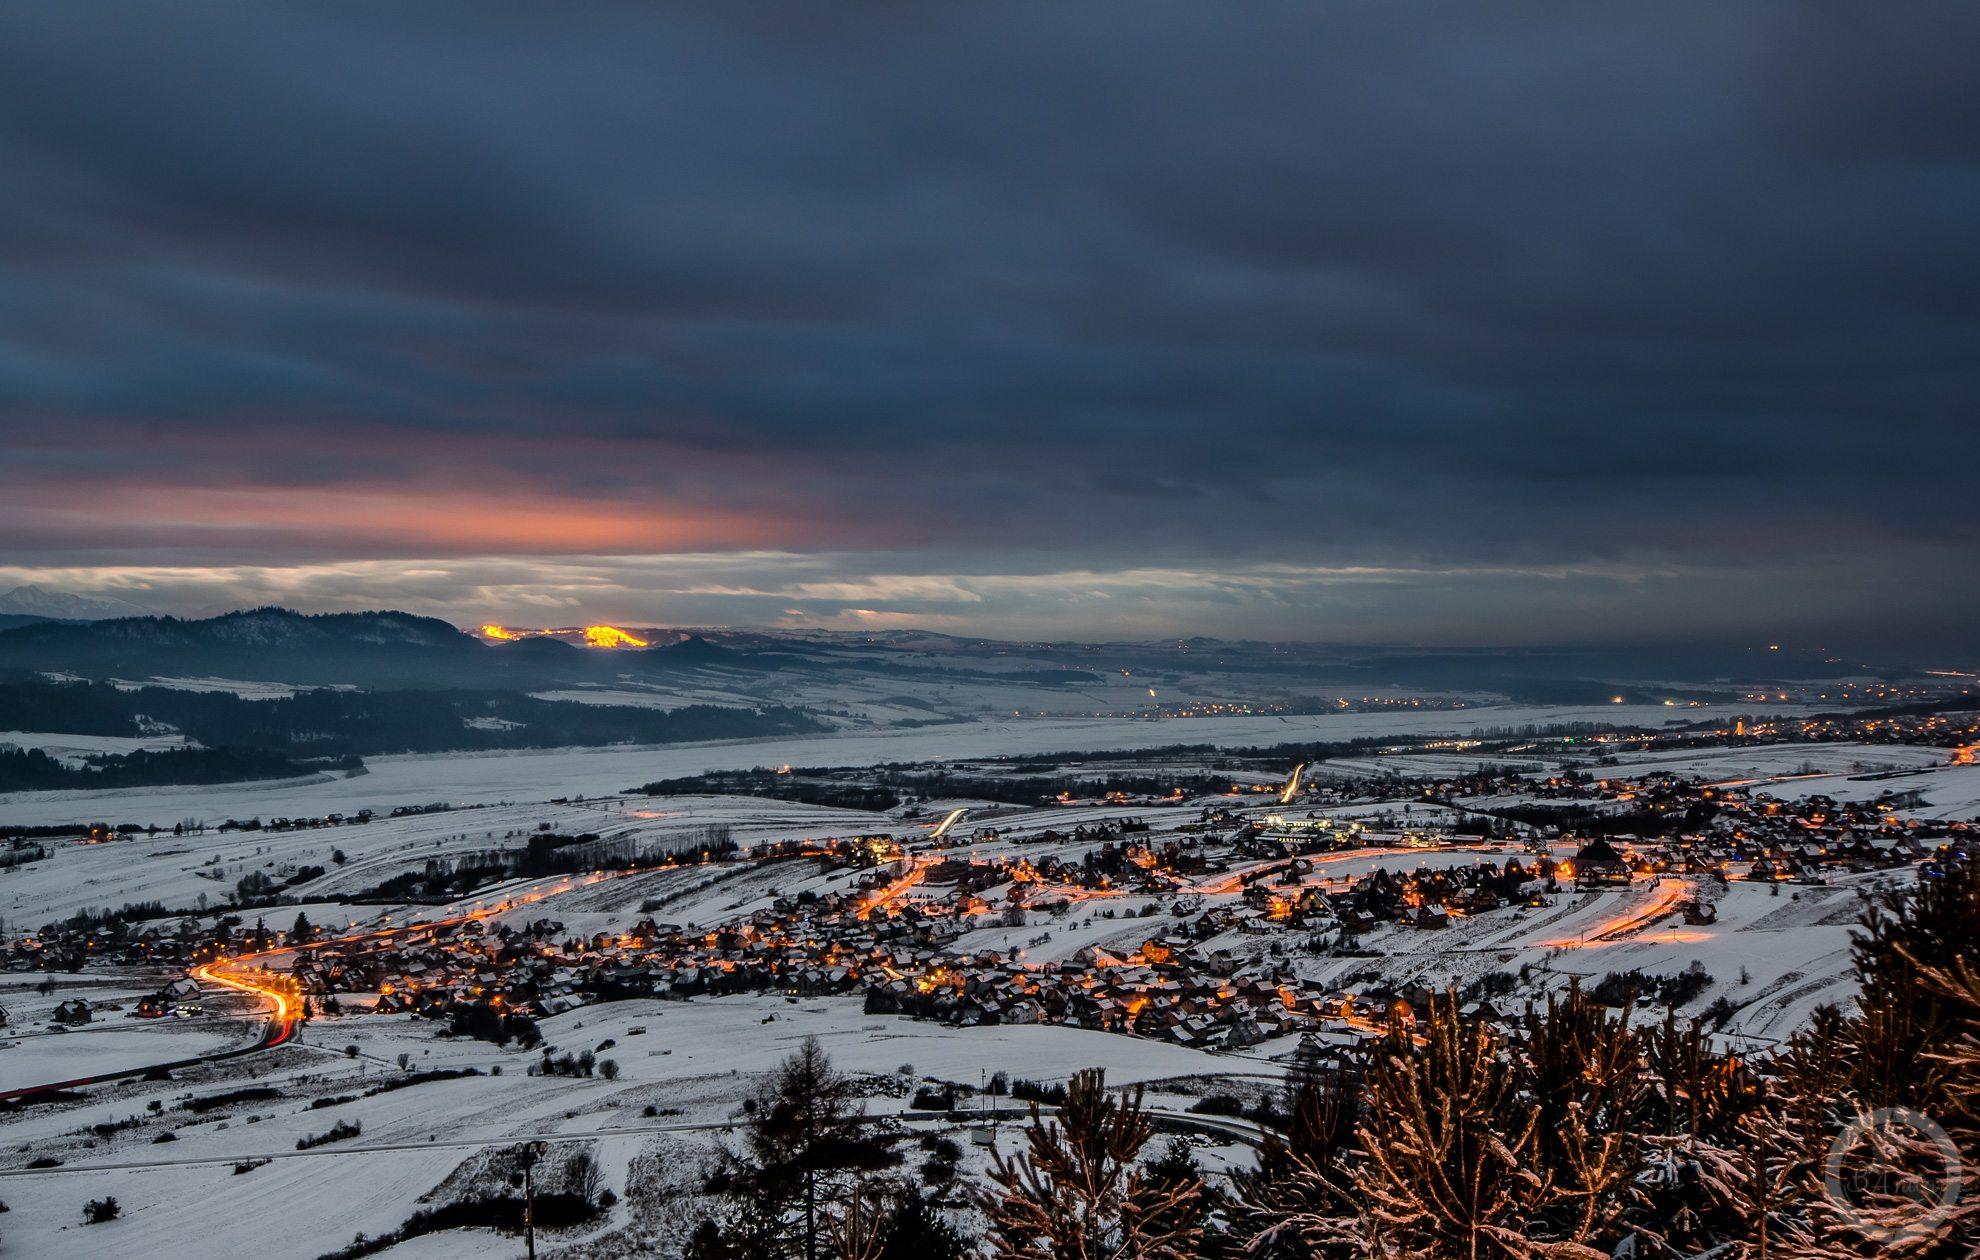 Widok naKluszkowce pozmroku. Widoczne światła miejscowości iresztki zachodzacego słońca. Pieniny